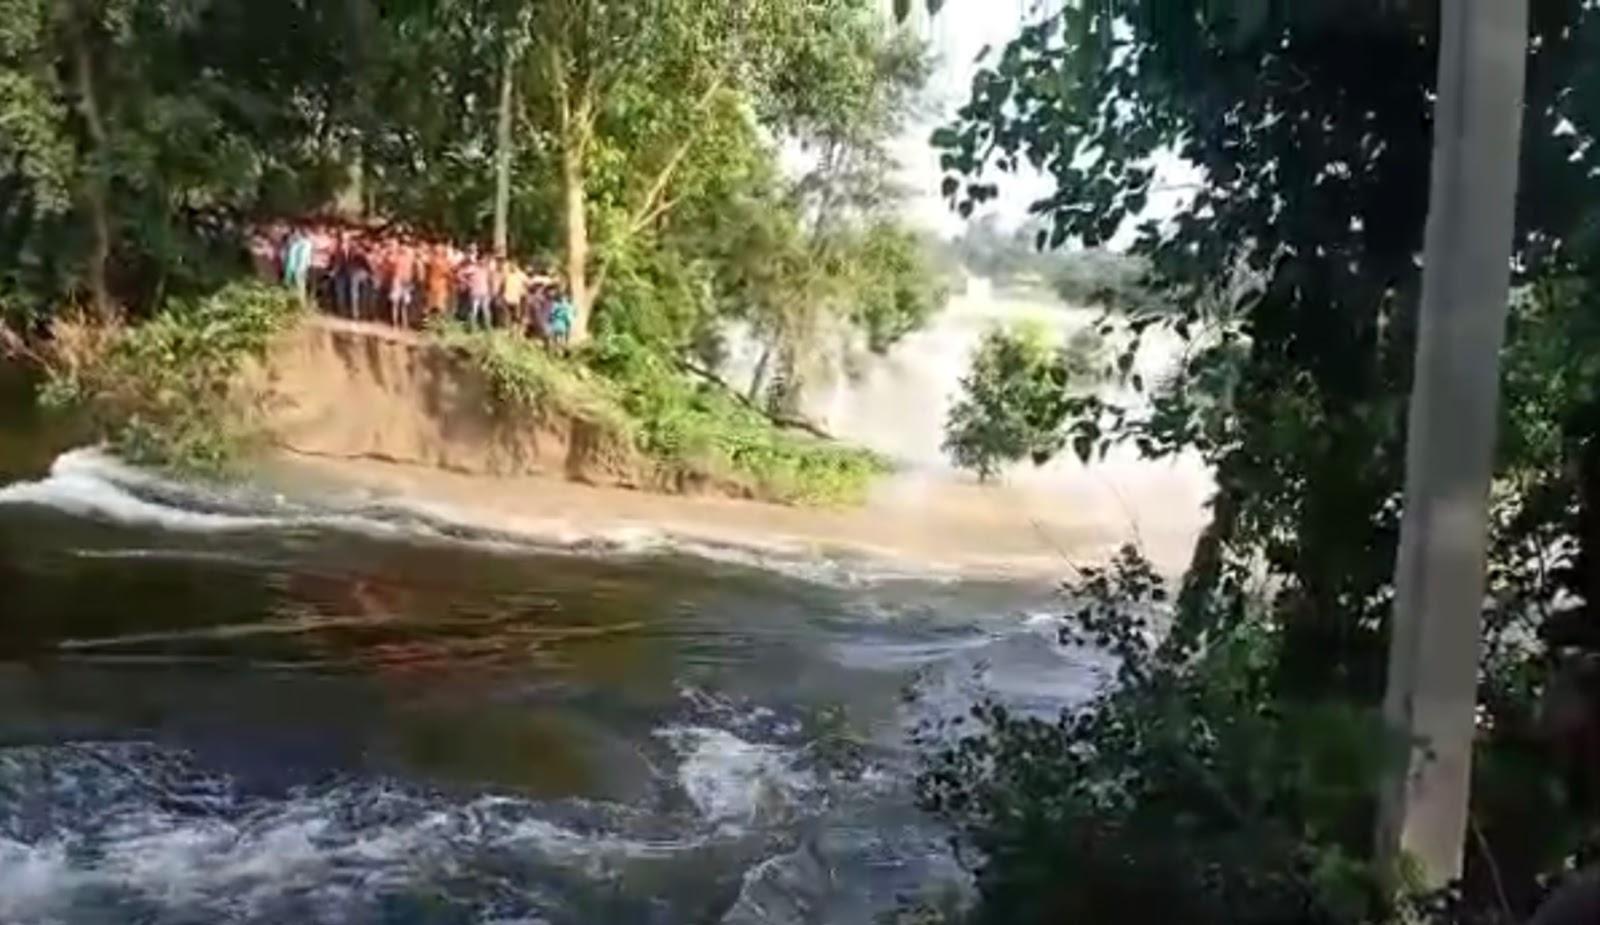 बलान नदी के बांध टूटने से गांव में दहशत,लगभग 700 परिवार प्रभावित होने की संभावना! डीएम